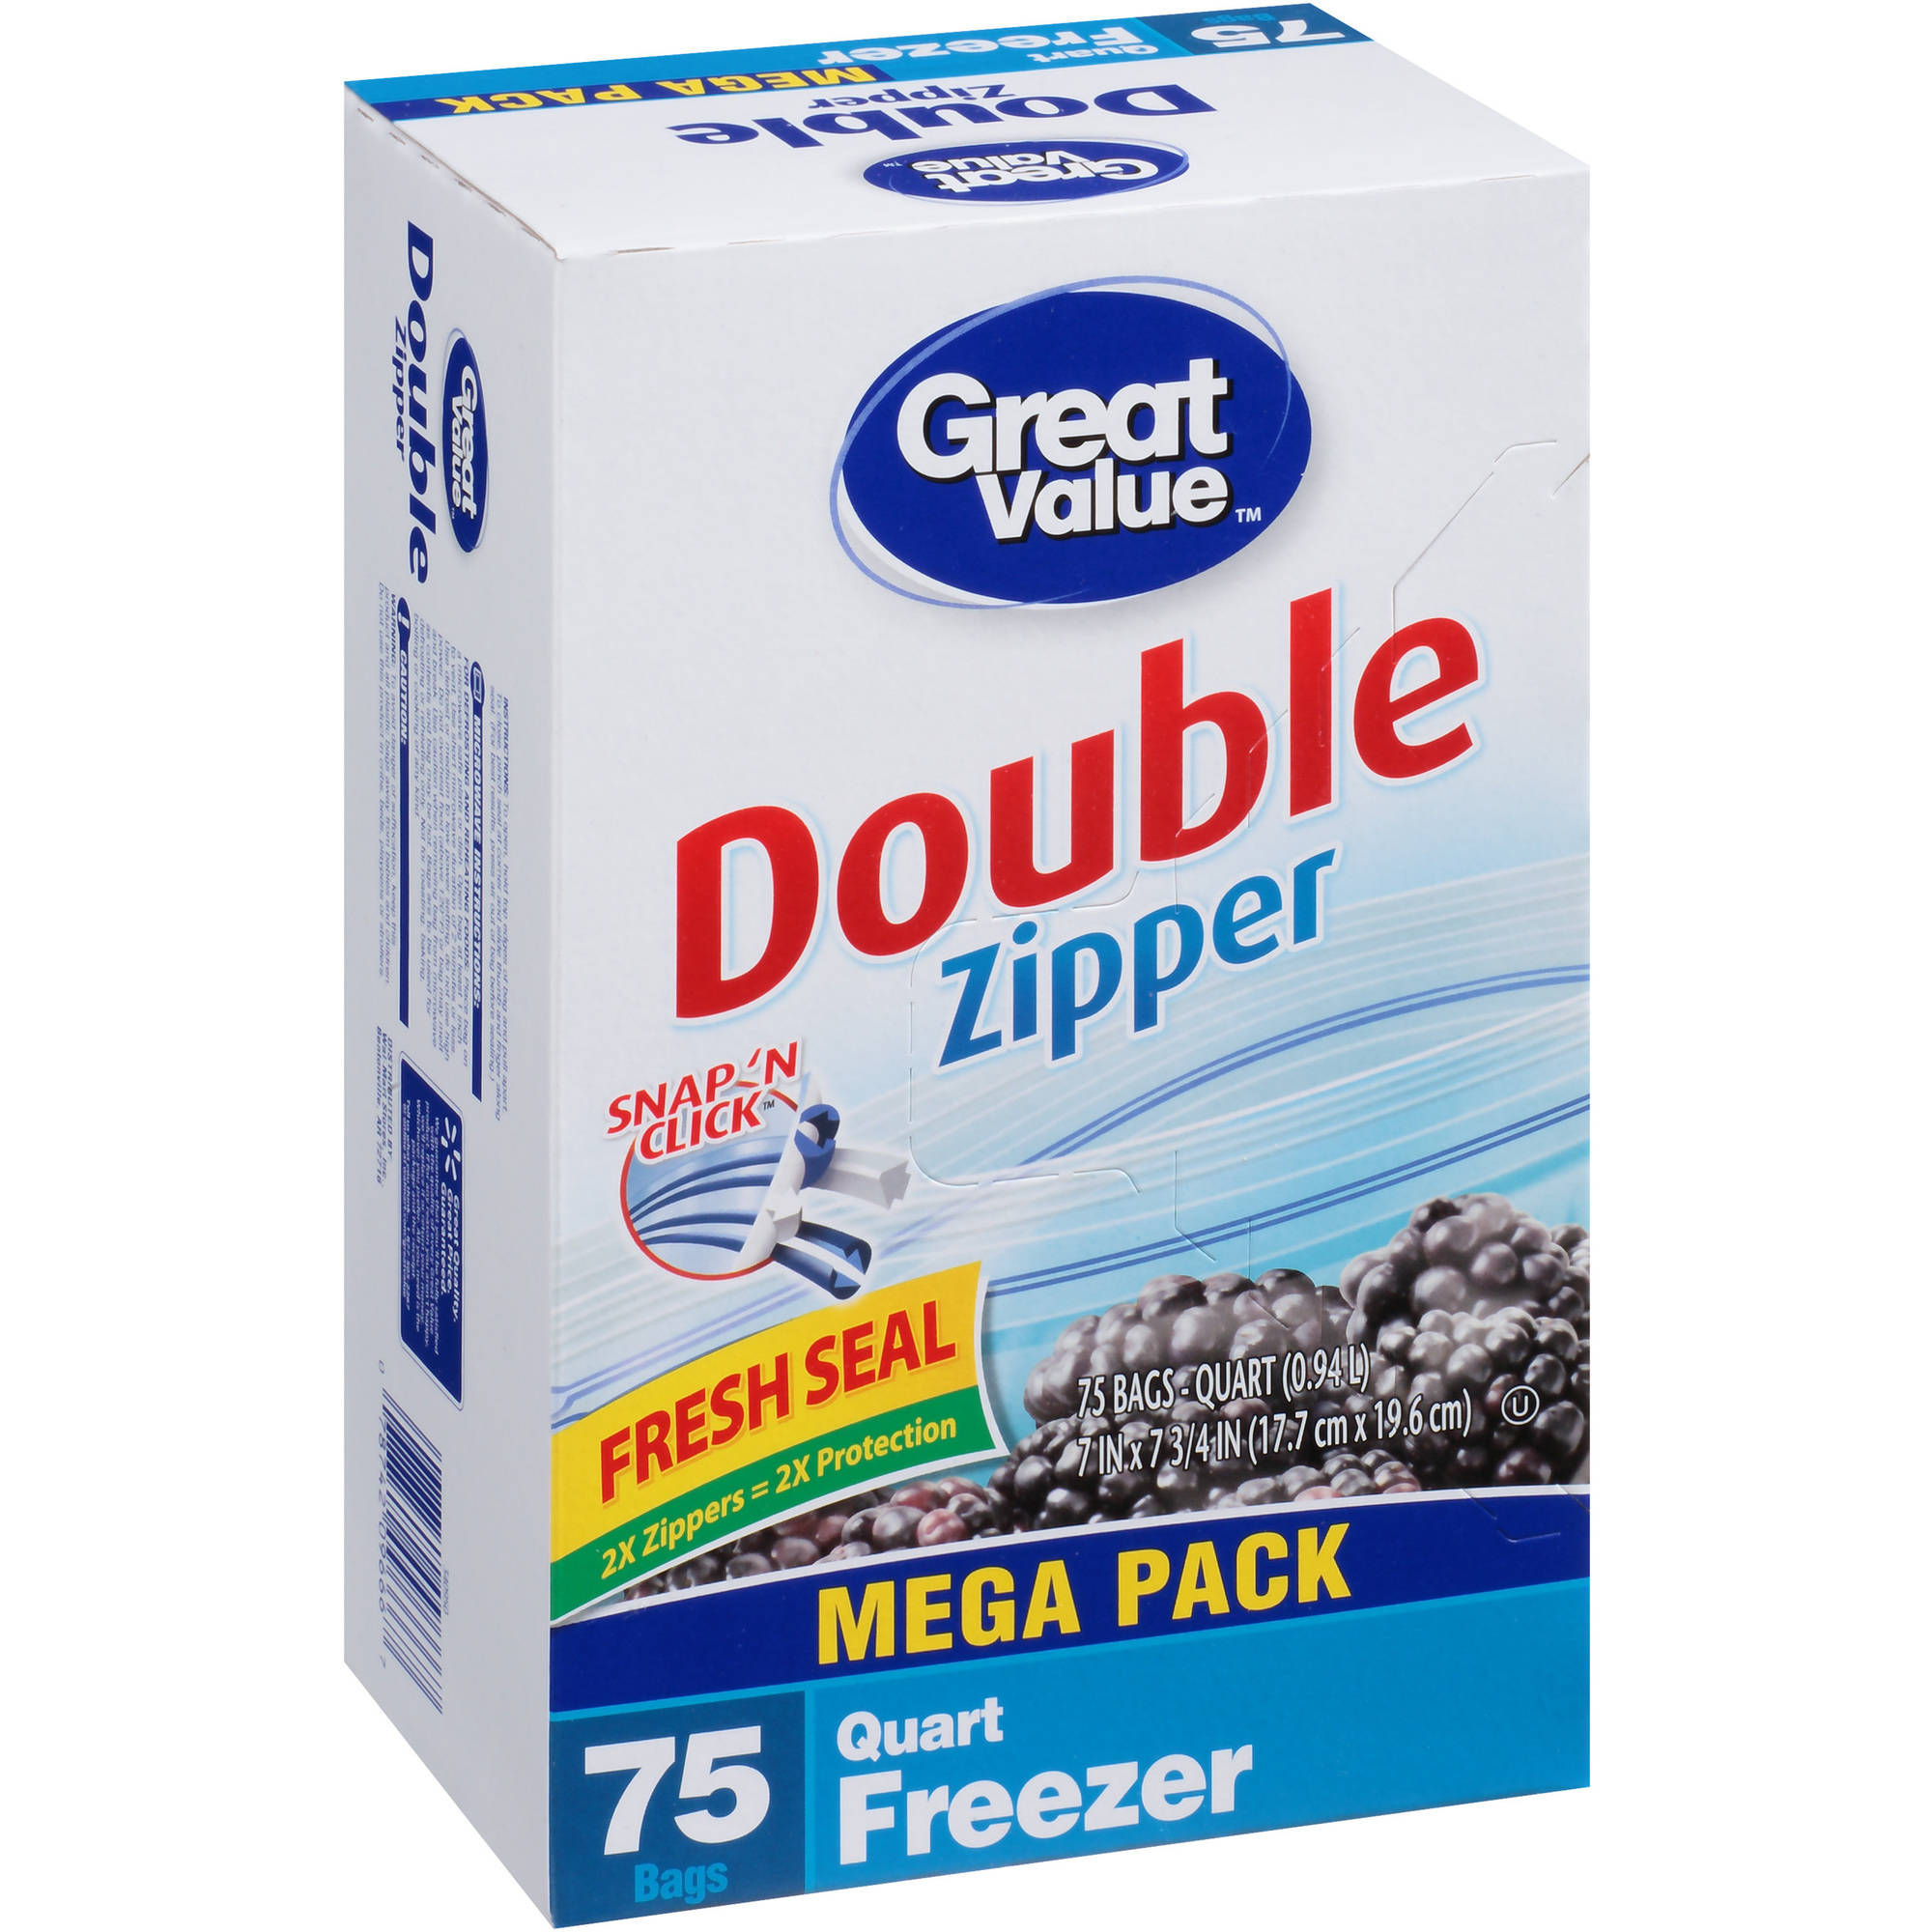 Great Value Double Zipper Quart Size Freezer Storage Bags, 75 count